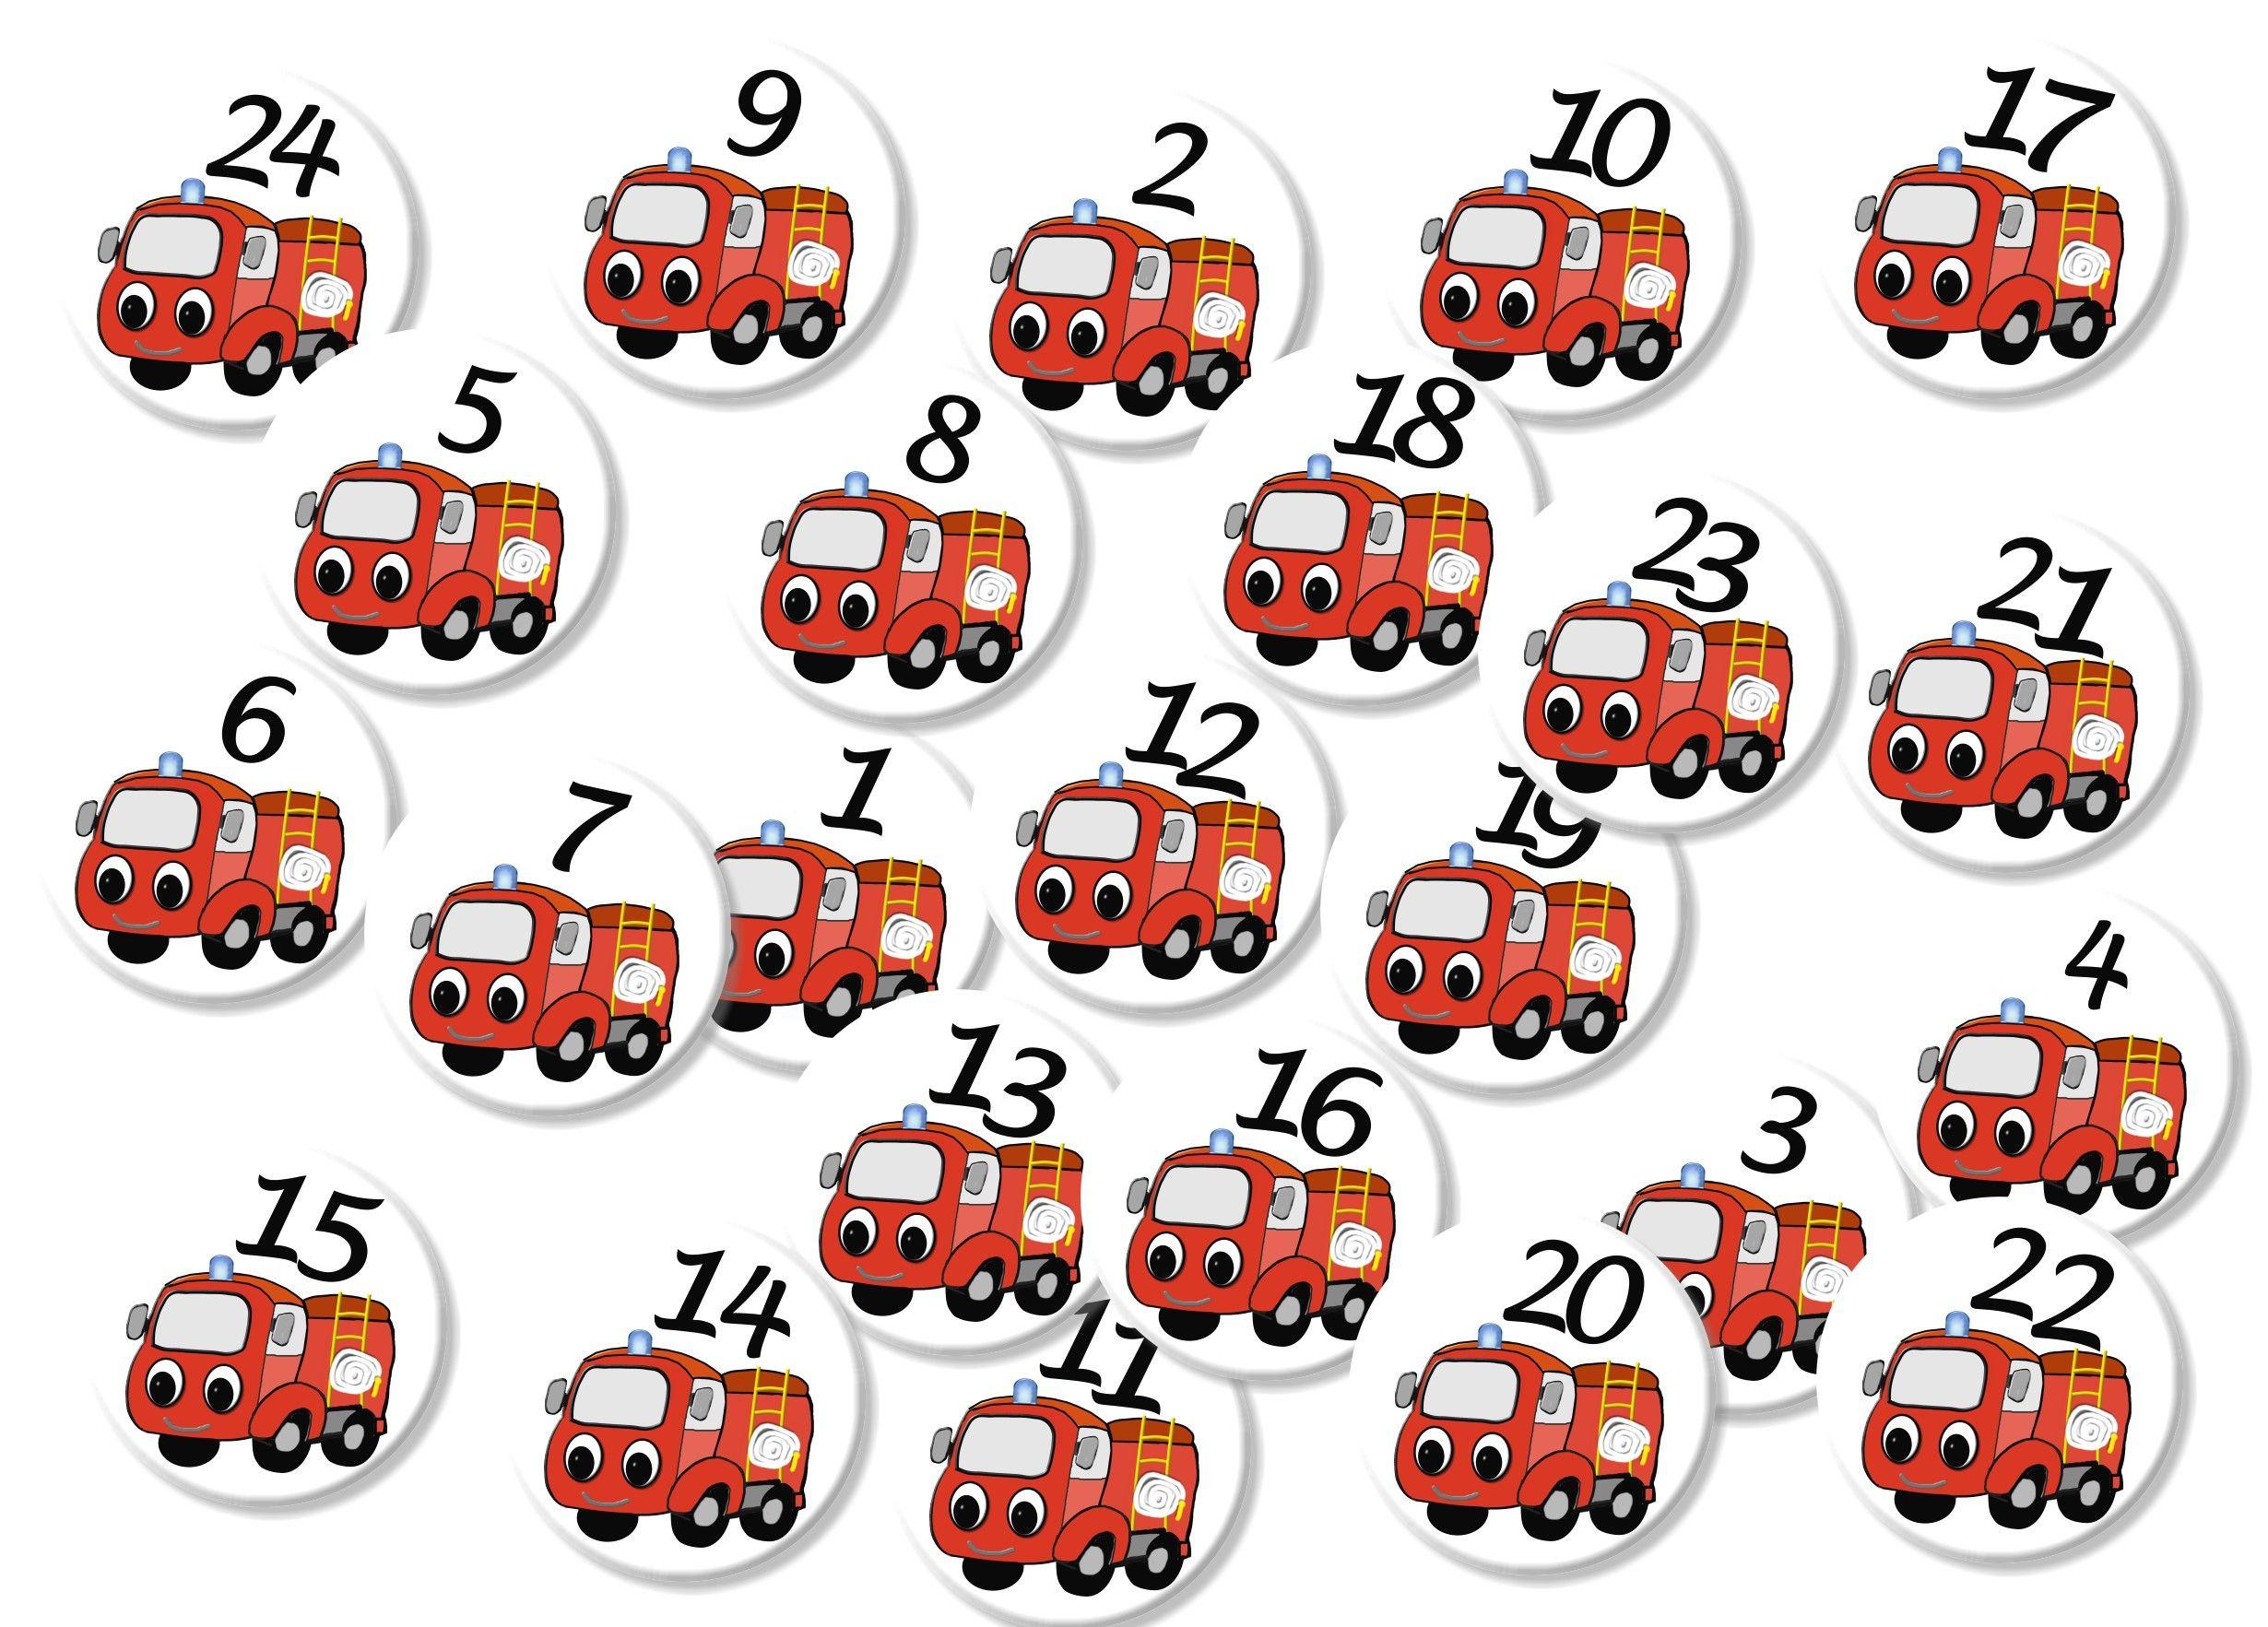 Motiv Feuerwehr, Feuerwehrauto 24 Stück, Button Für Einen bestimmt für Feuerwehr Motive